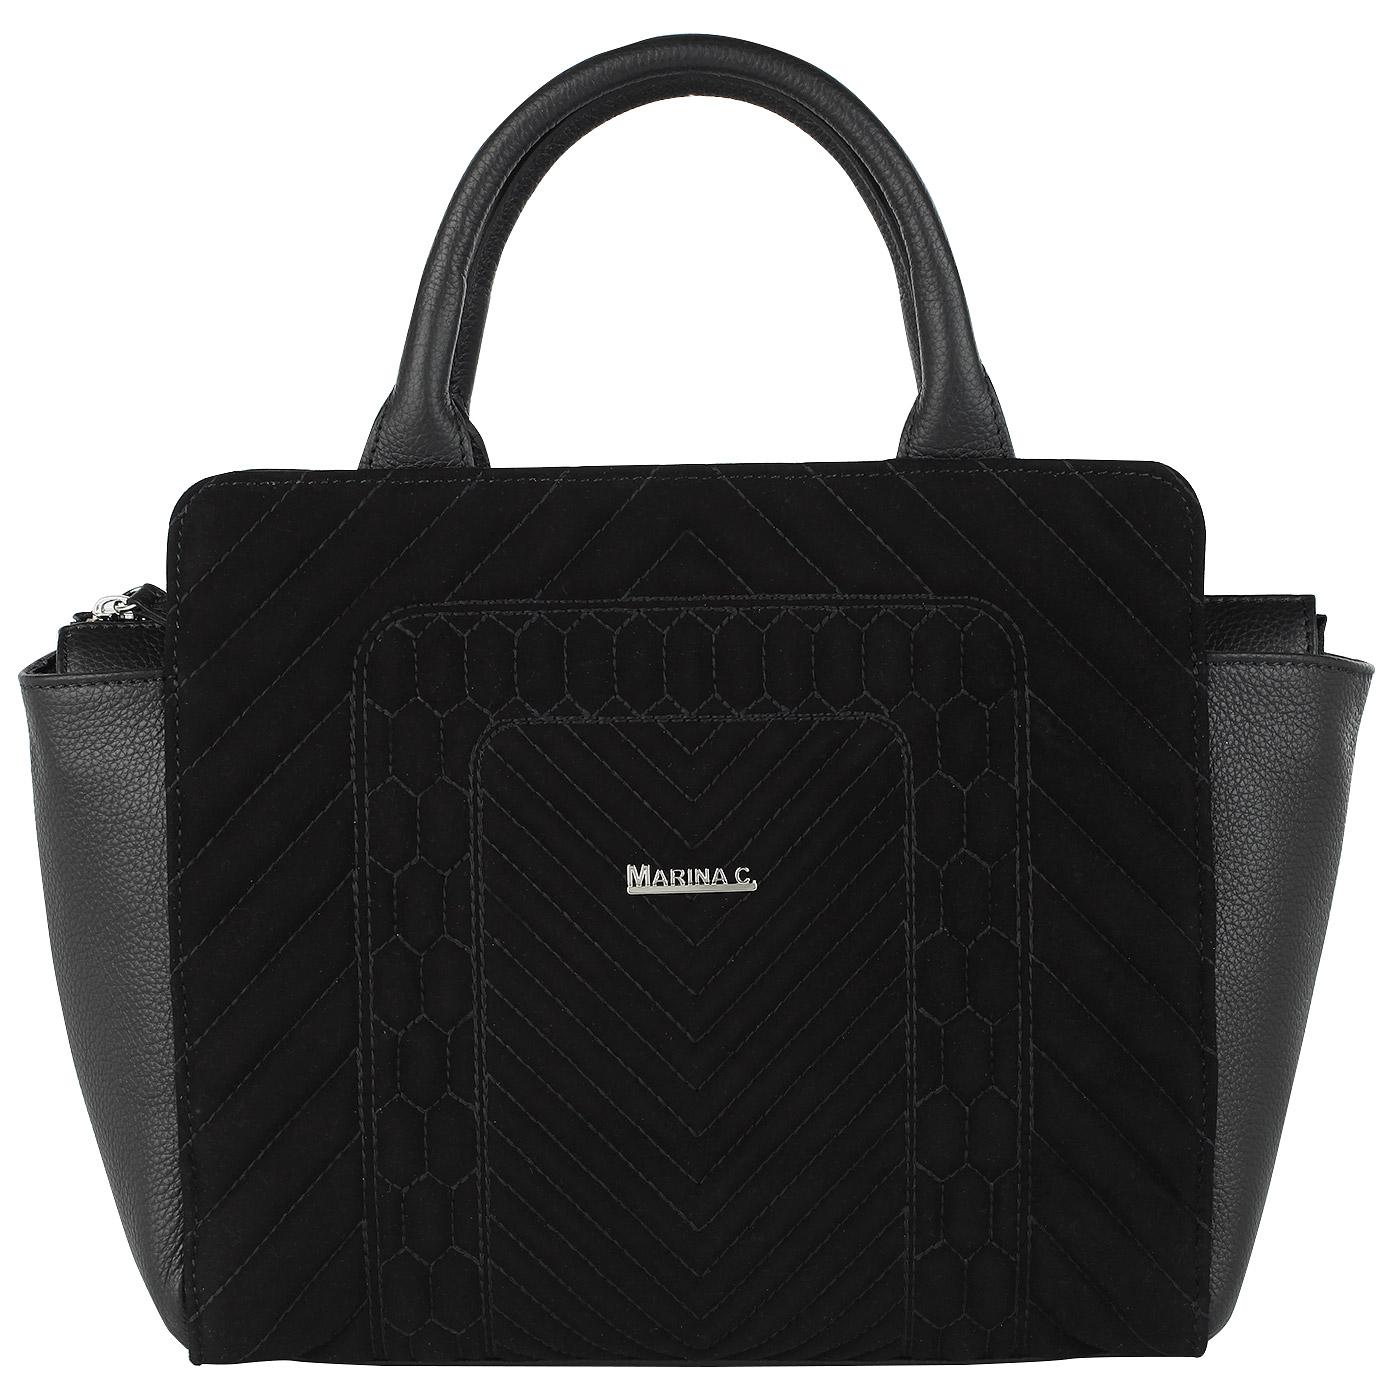 03b16833a94a ... Вместительная стеганая сумка из натуральной кожи и замши Marina  Creazioni ...